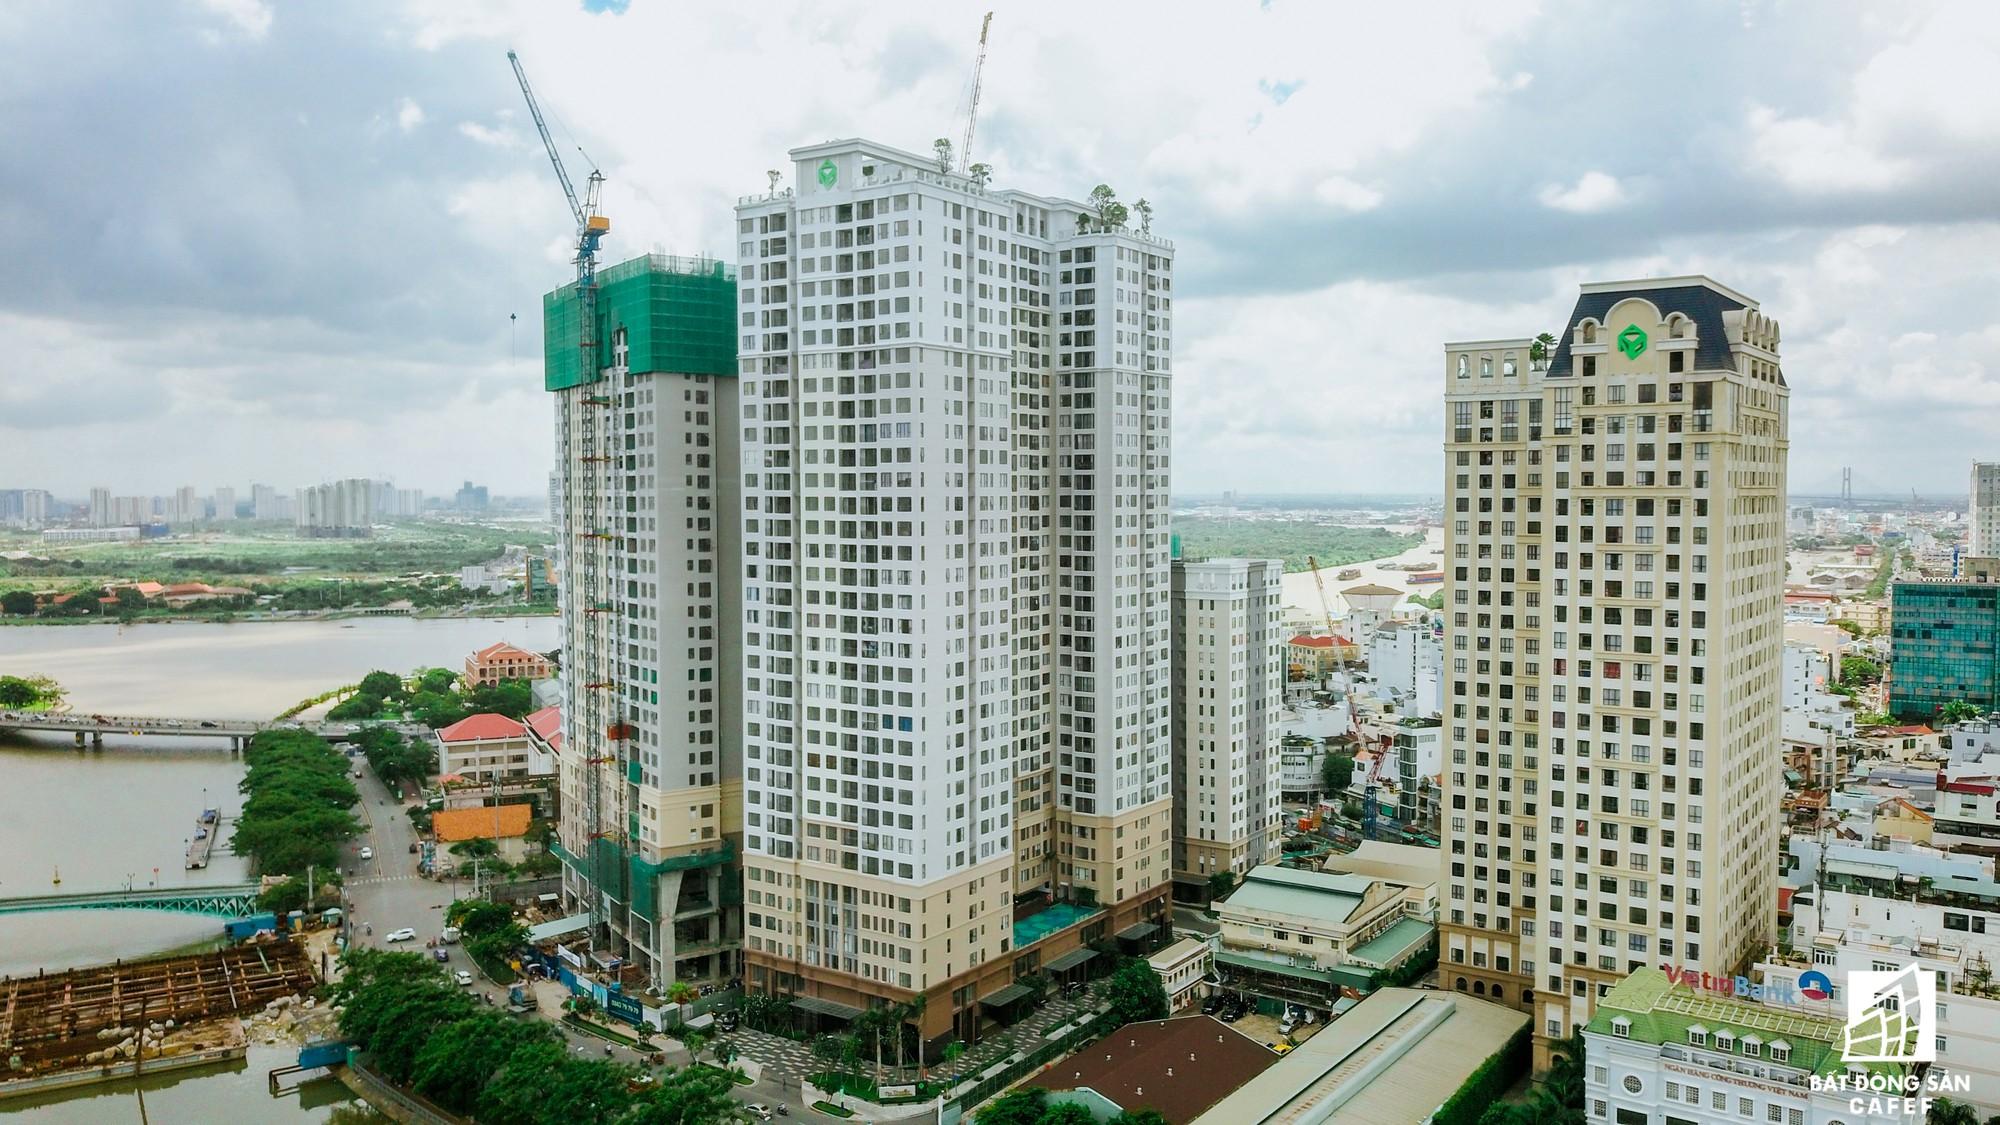 Khan hiếm nguồn cung, nhà đất Bến Vân Đồn Sài Gòn thiết lập mặt bằng giá mới - Ảnh 6.